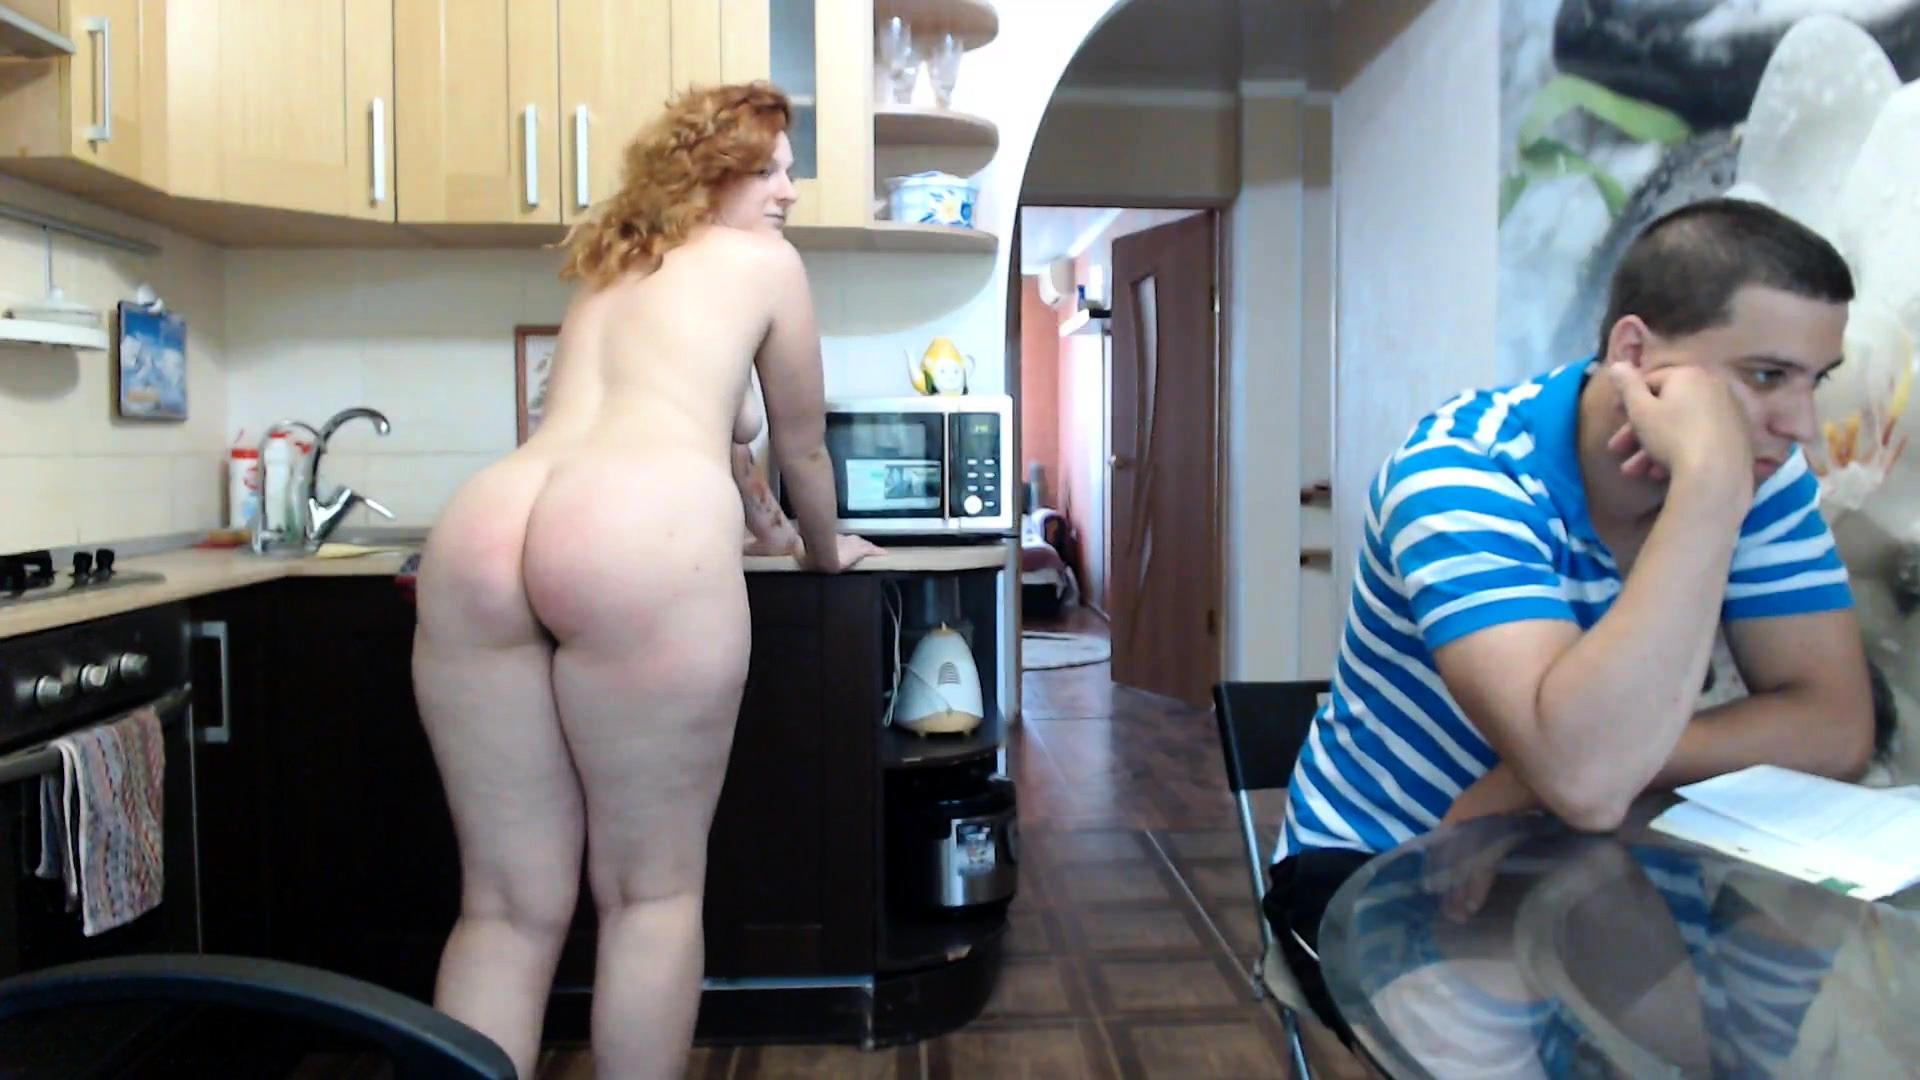 Bbw Photo Porn free mobile porn - amateur redhead bbw - 2876031 - iceporn